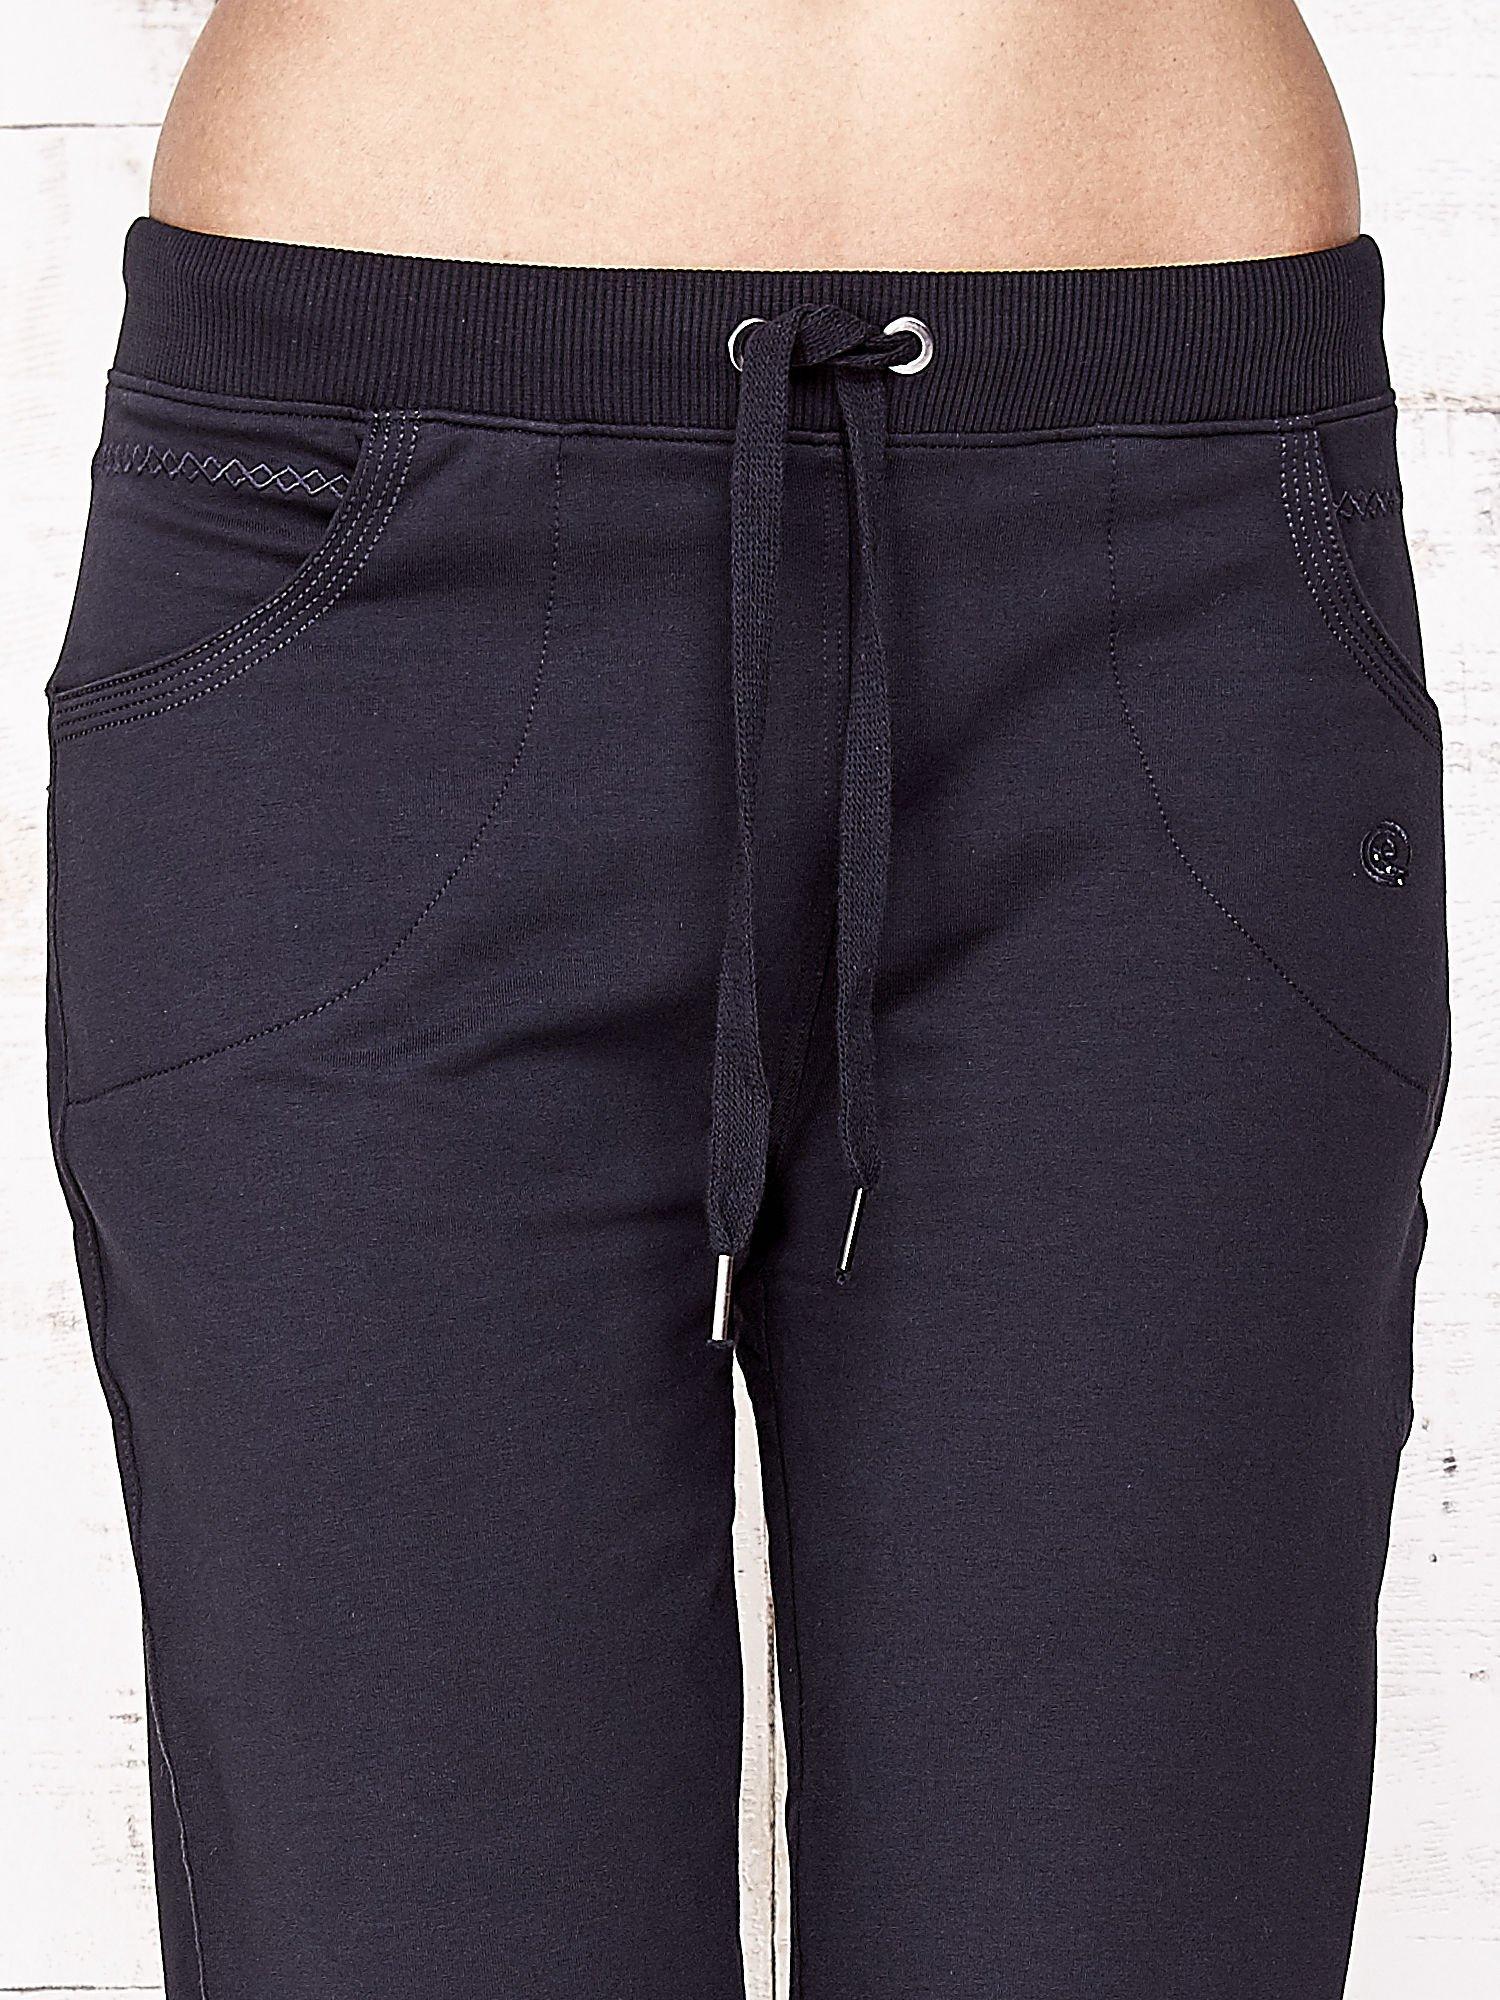 Granatowe spodnie dresowe capri ze ściągaczami na dole                                  zdj.                                  4